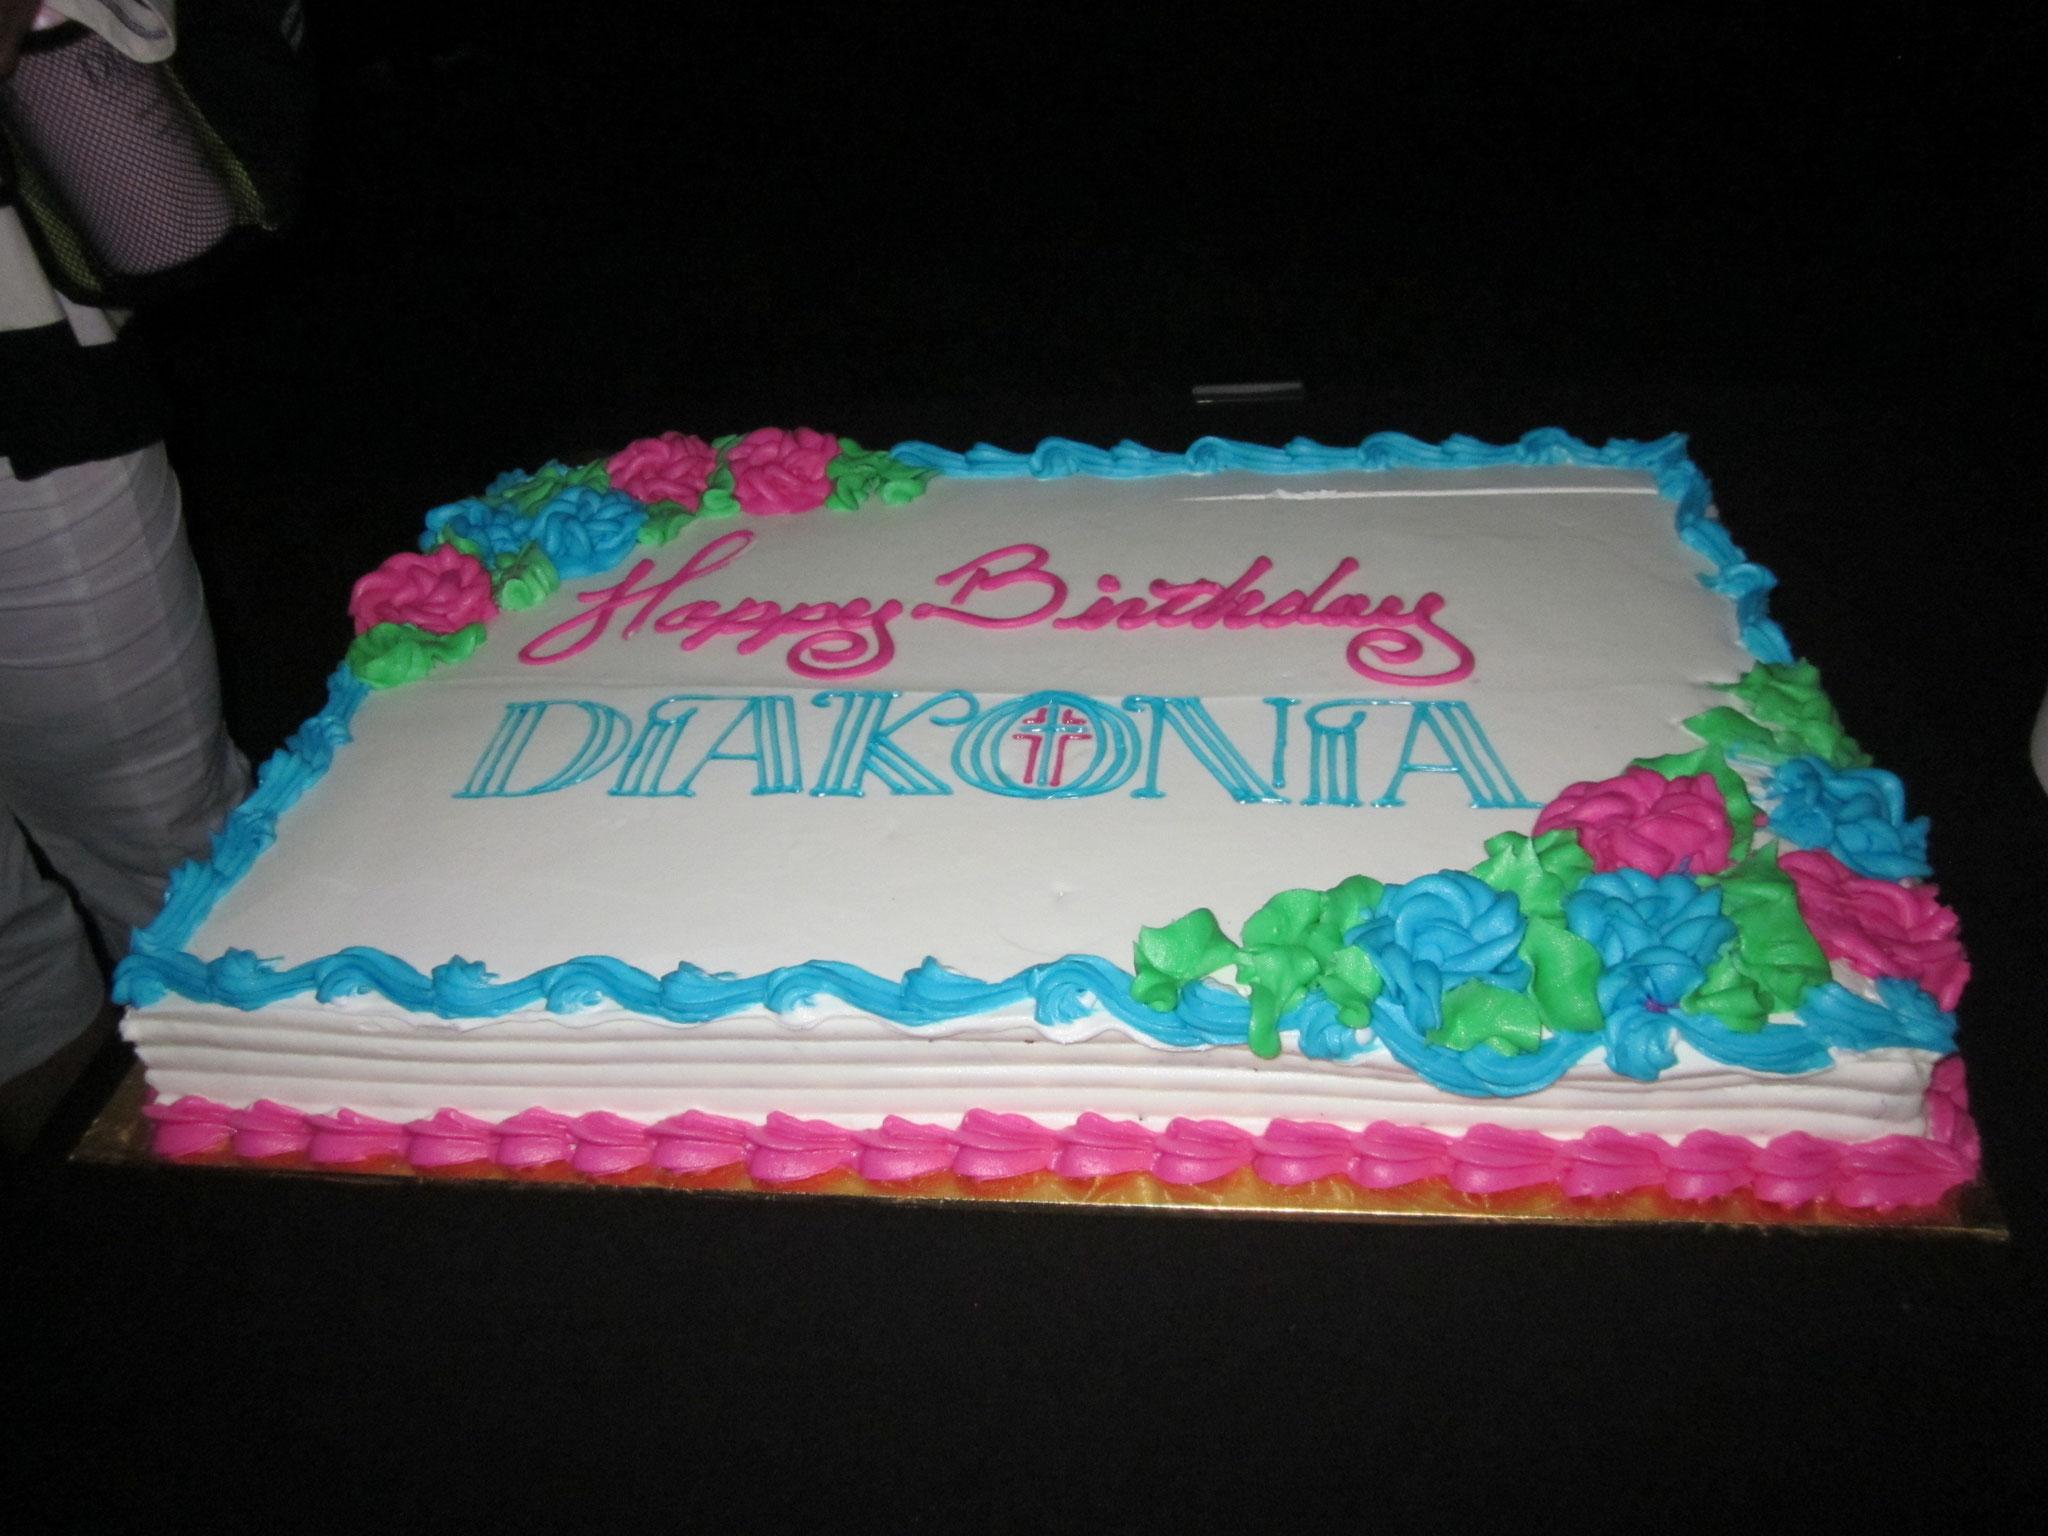 ディアコニア70周年のケーキ